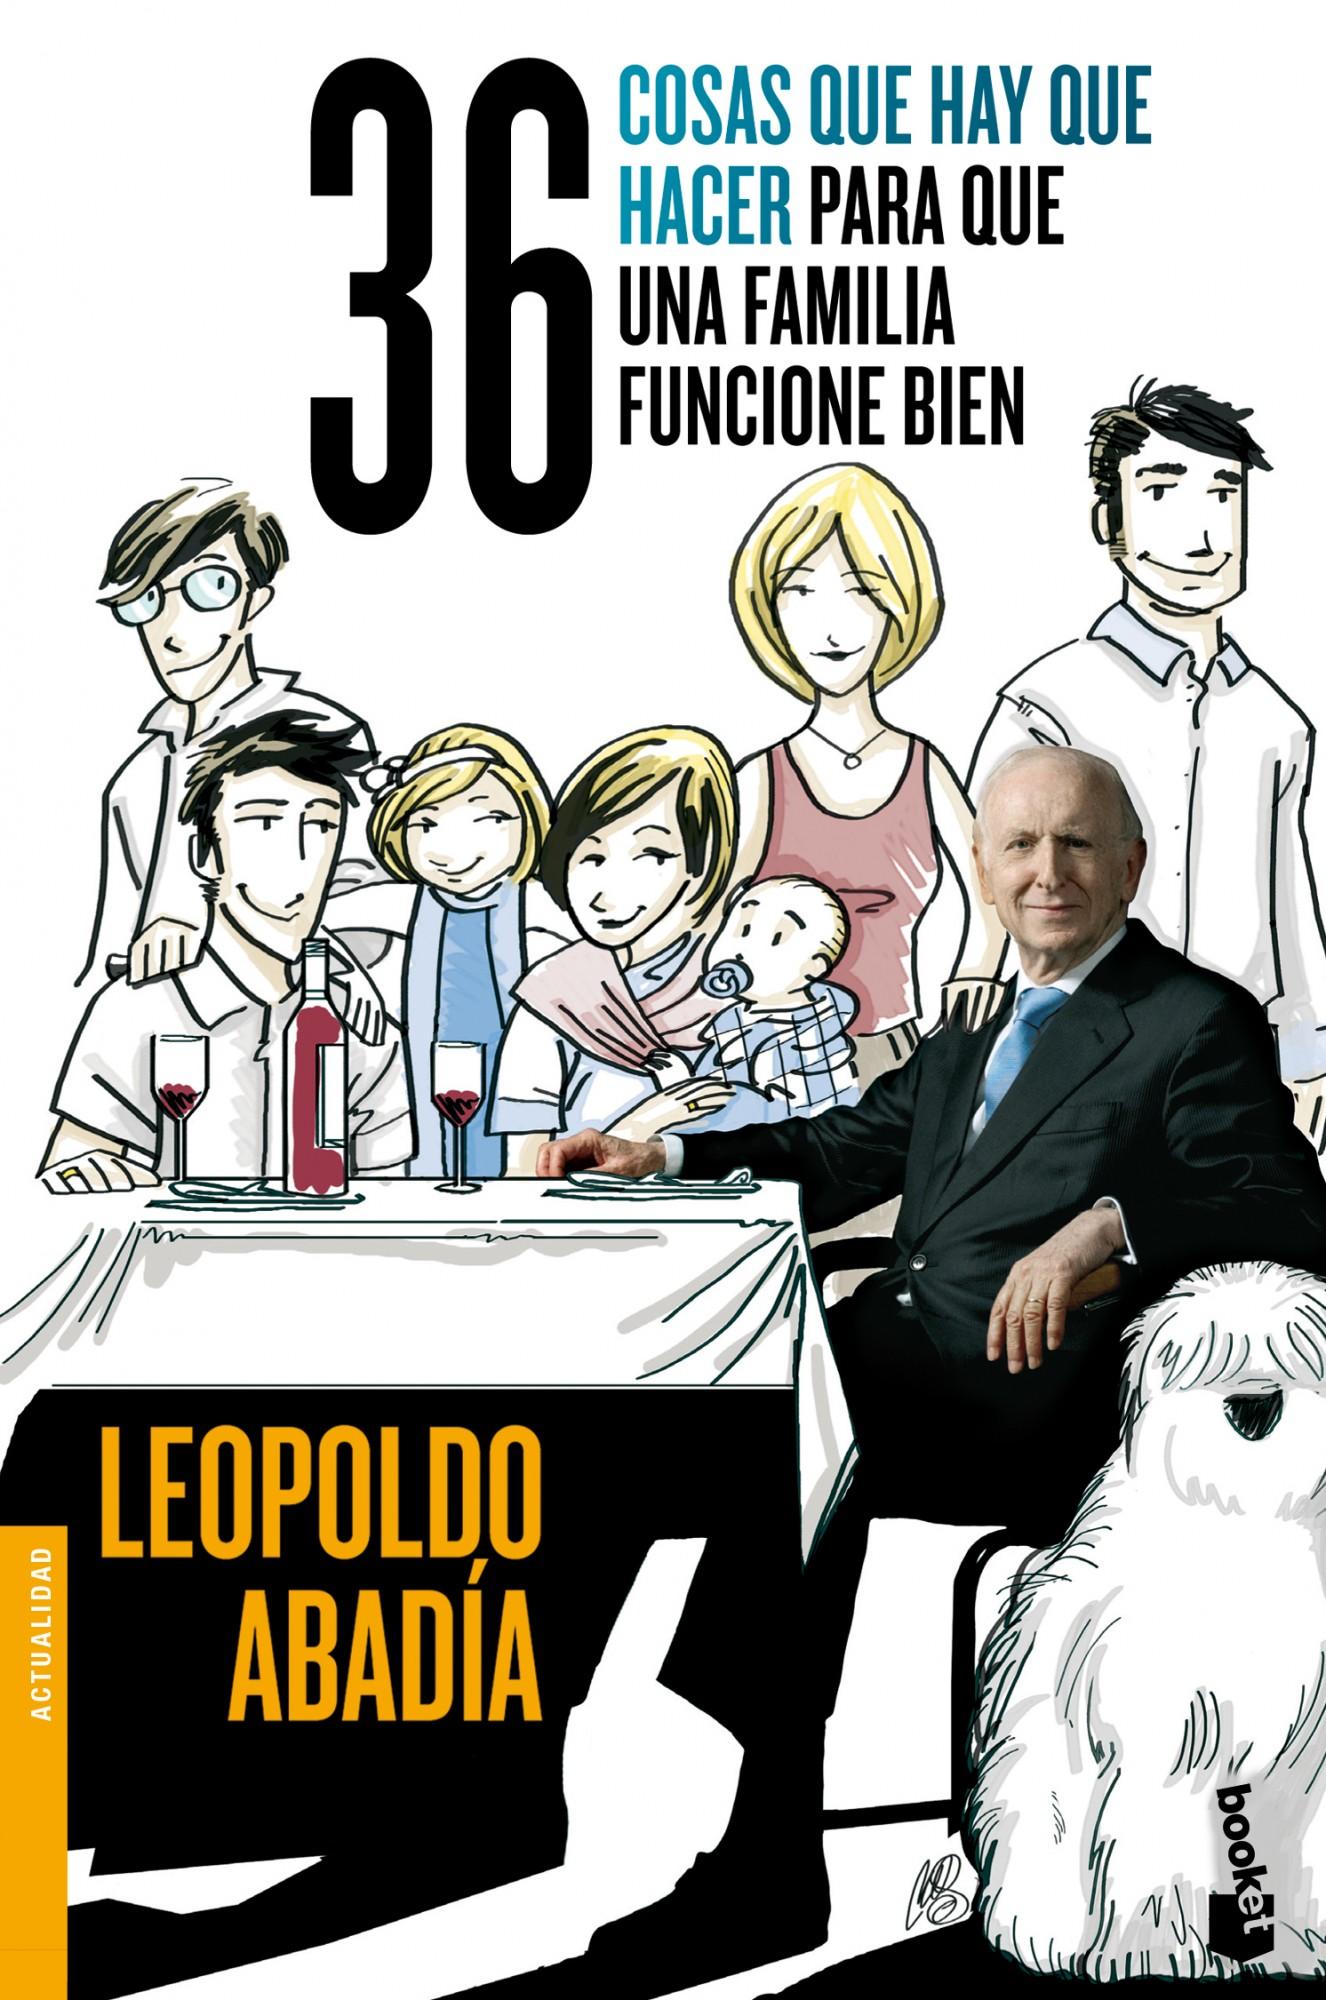 36 Cosas Que Hay Que Hacer Para Que Una Familia Funcione Bien por Leopoldo Abadia